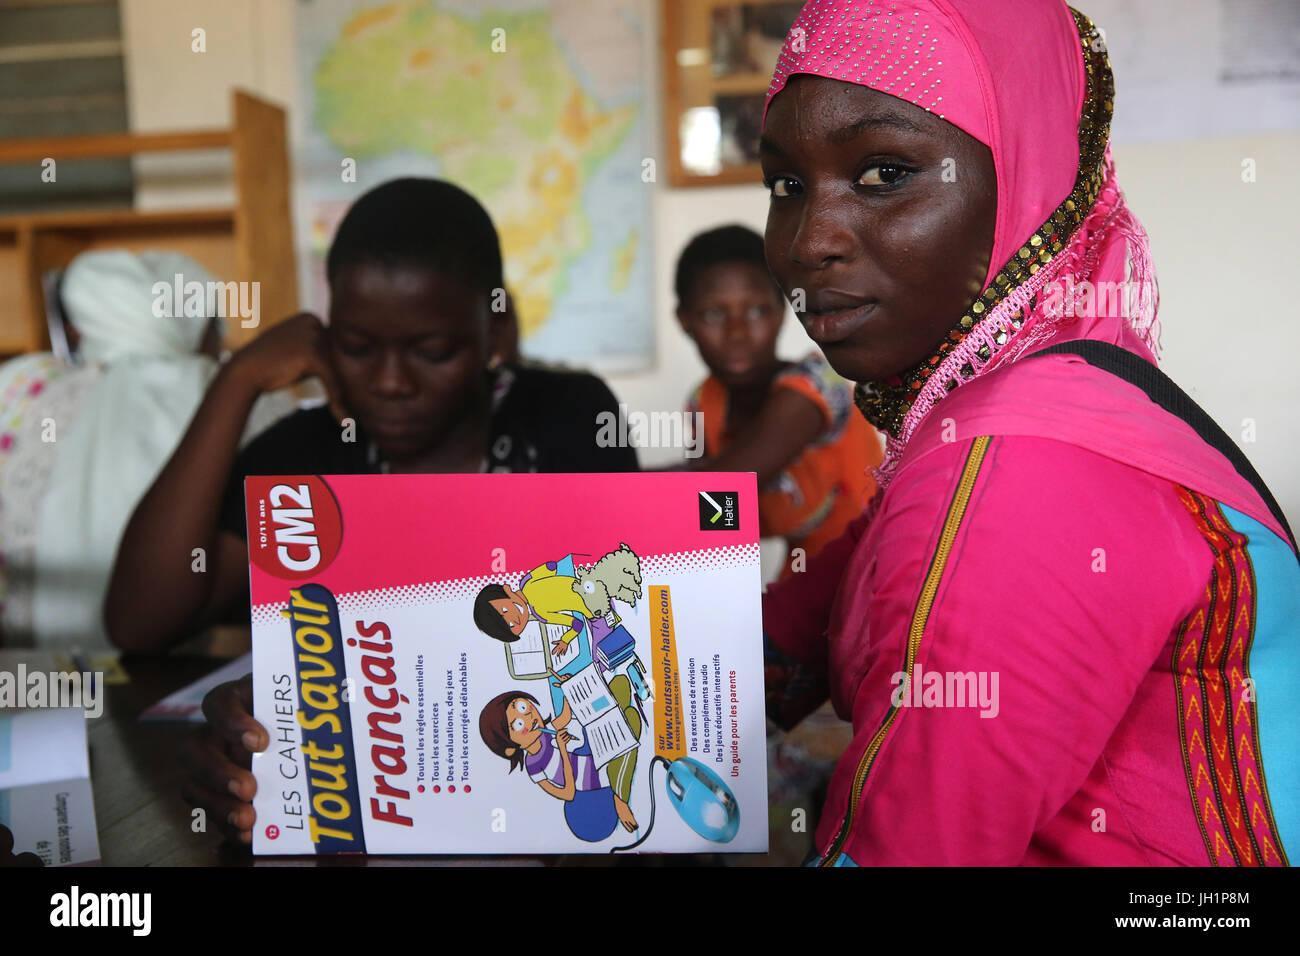 Scuola africana sponsorizzata dalla ong francese : la Chaine de l'Espoir. La libreria. Lomé. Il Togo. Foto Stock